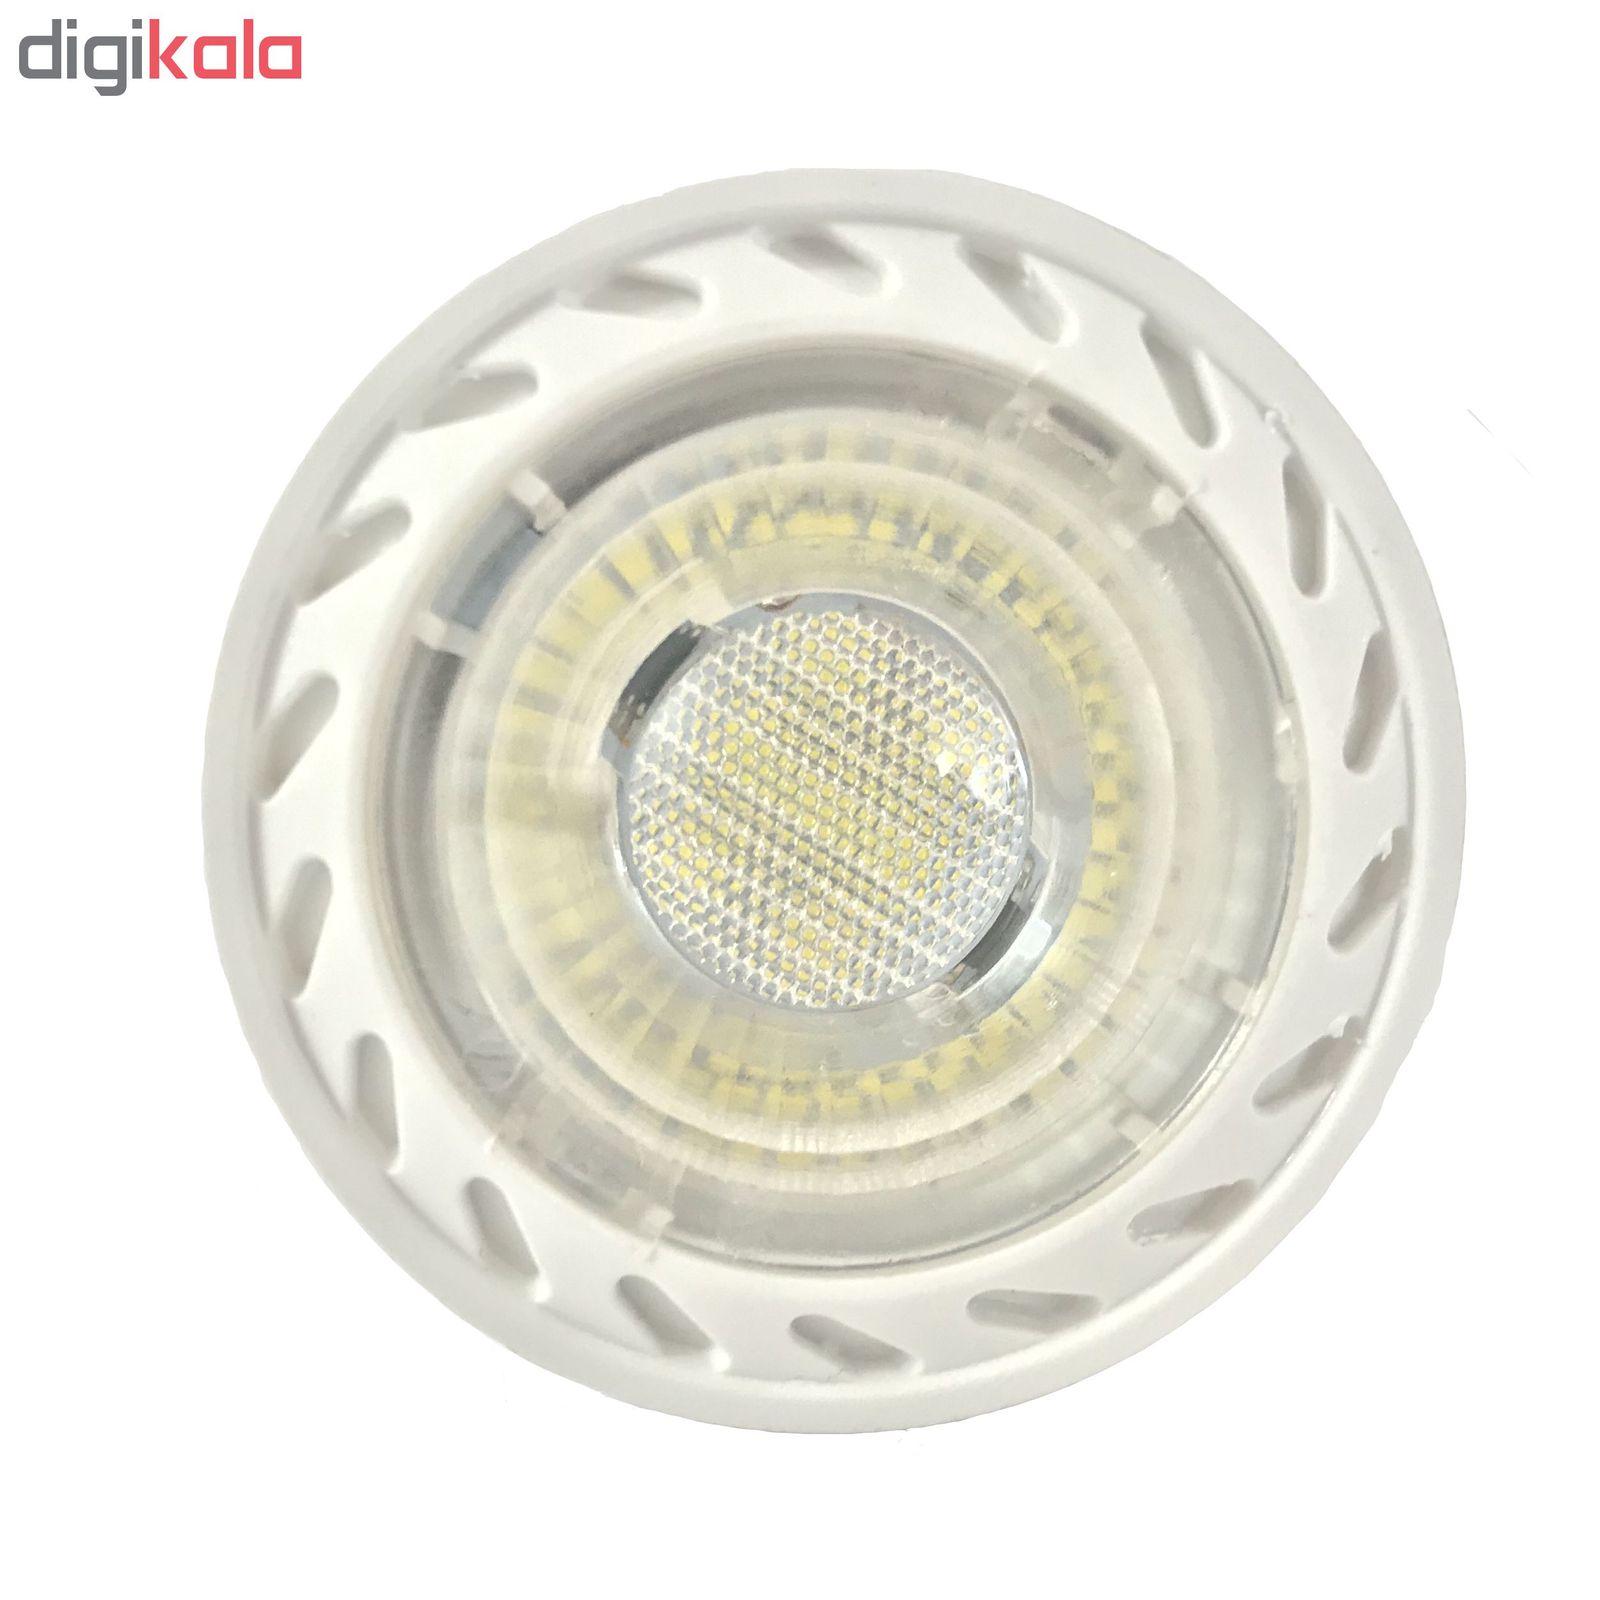 لامپ هالوژن 7 وات مدل TN 002 پایه GU5.3 بسته 10 عددی main 1 1